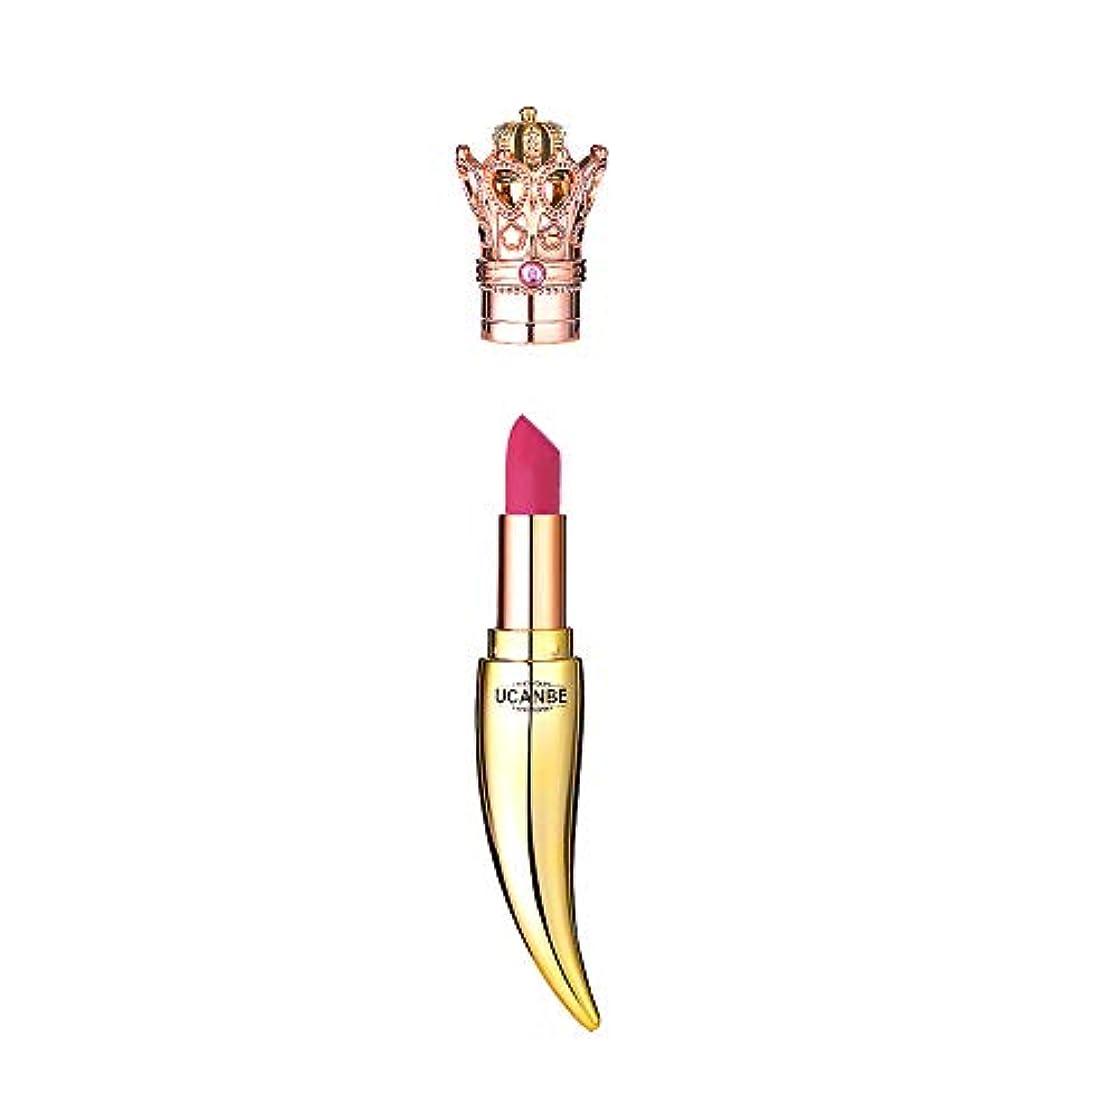 アラバマ訴える真似るマットの口紅の保湿口紅防水なめらかなベルベットのリップグロスメイクアップ化粧品女性の女の子のスタイル-01